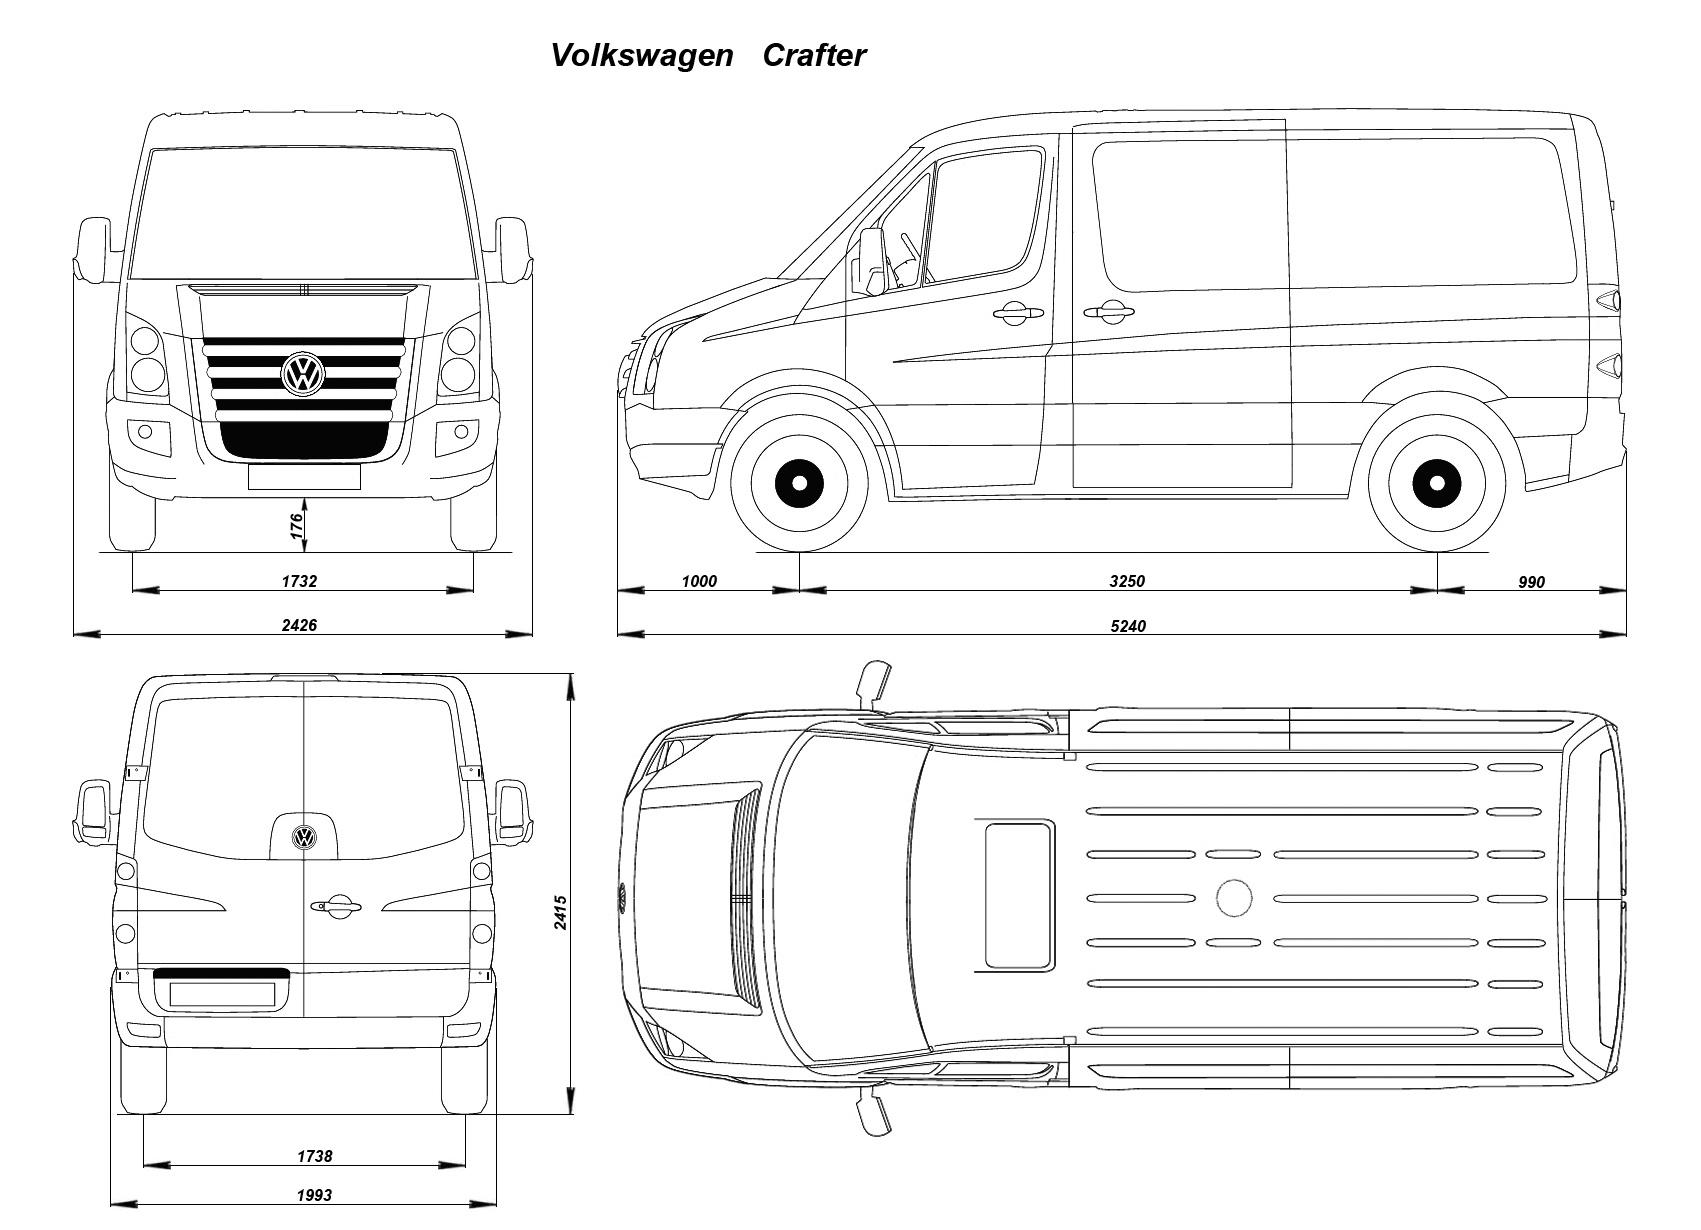 Volkswagen Crafter 2006 Blueprint Download Free